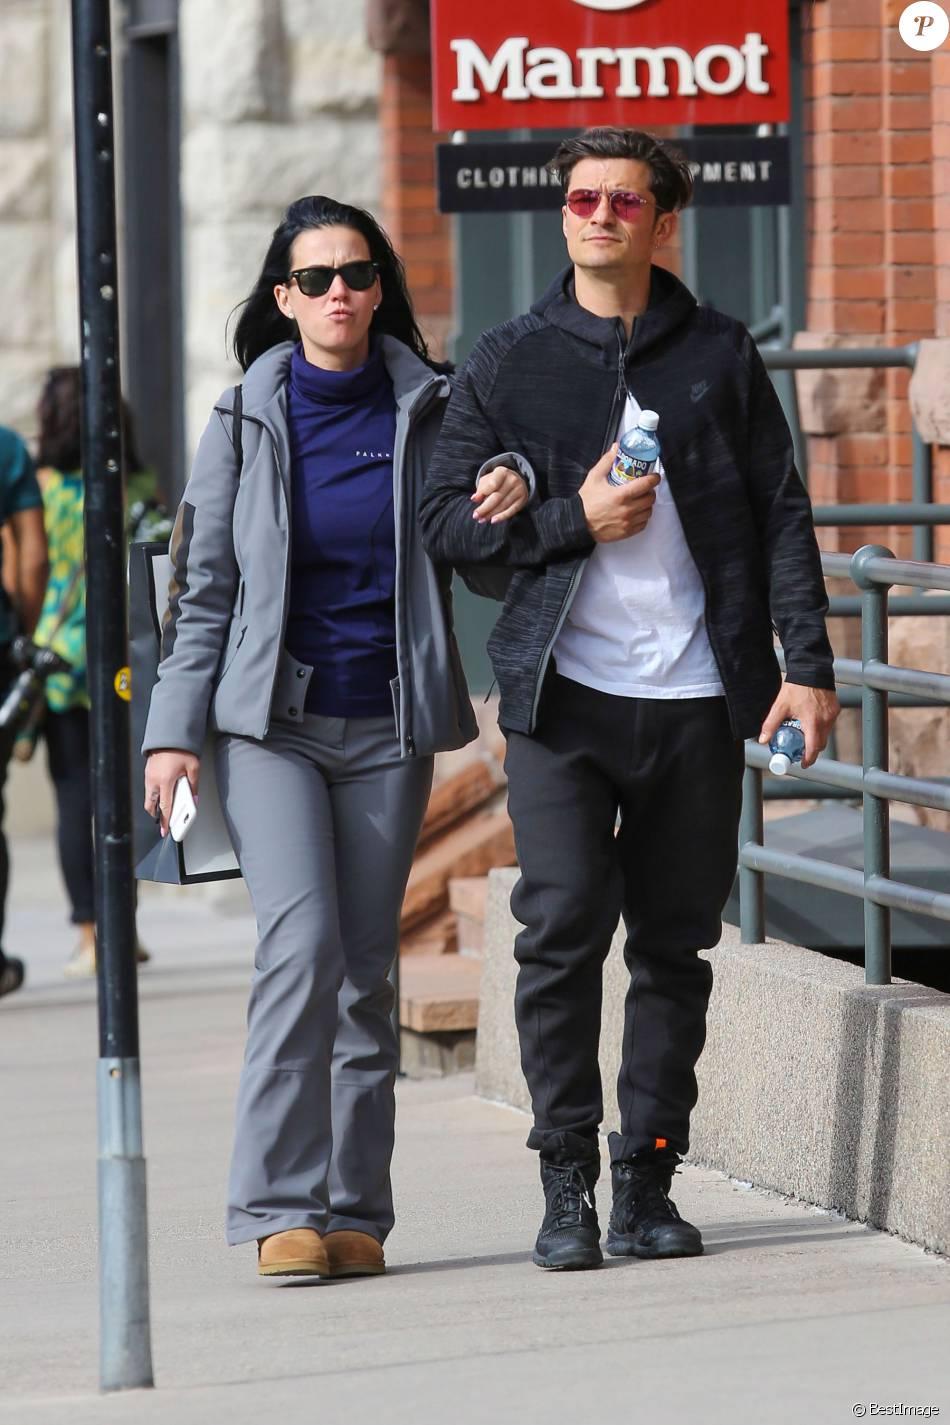 Exclusif - Prix spécial - Le couple Katy Perry et Orlando Bloom se promènent en amoureux dans les rues de Aspen. Les amoureux sont venus assister au mariage de leur amie la styliste Jamie Schneider. Le 8 avril 2016